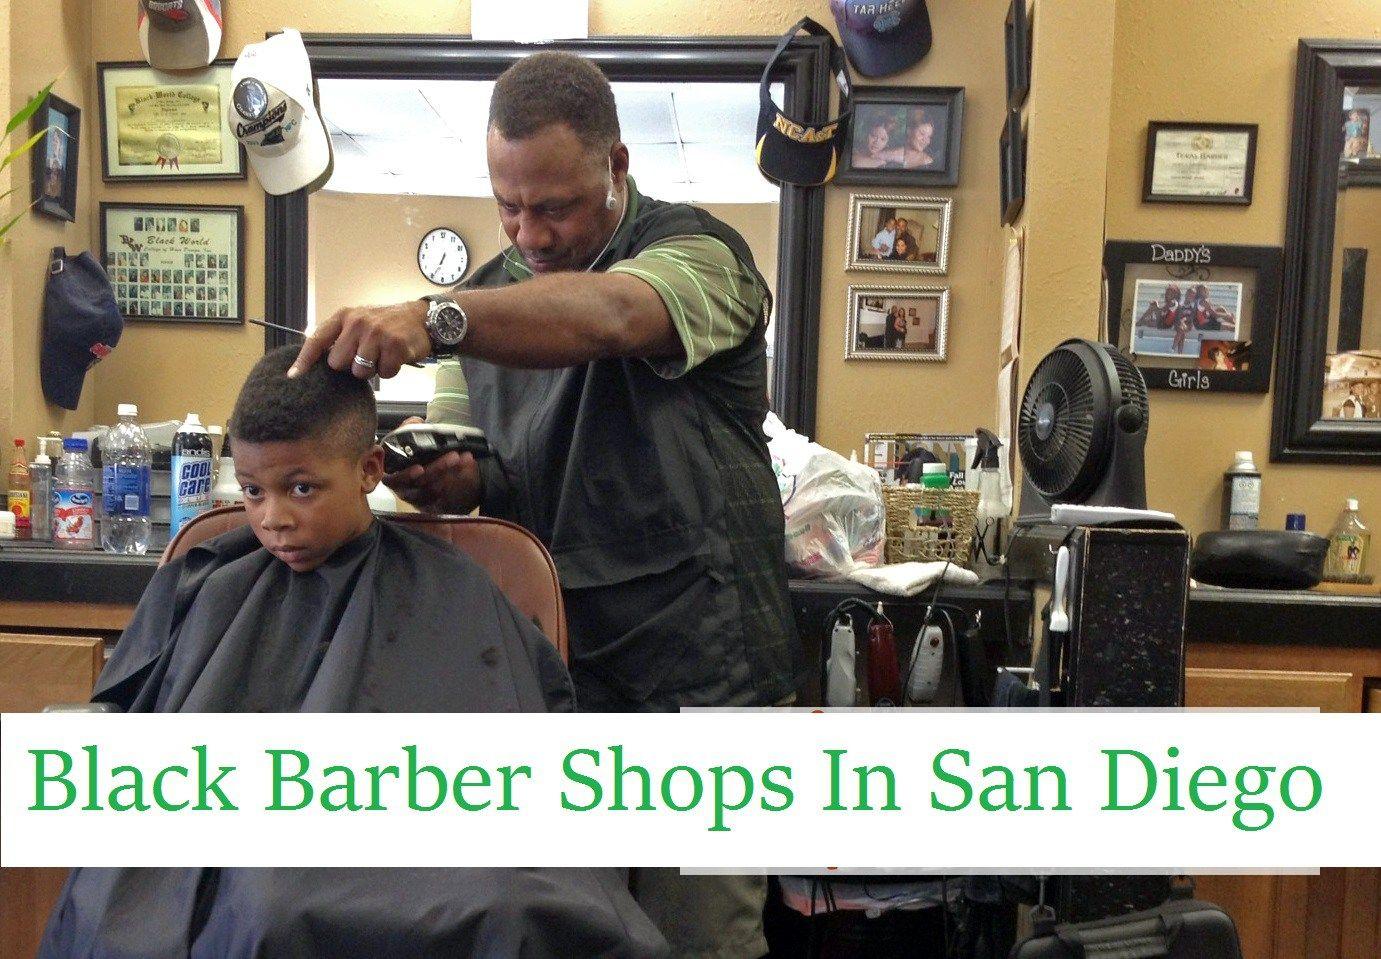 Black Barber Shops Near Me Black Barber Shops San Diego Shopping Barber Shop